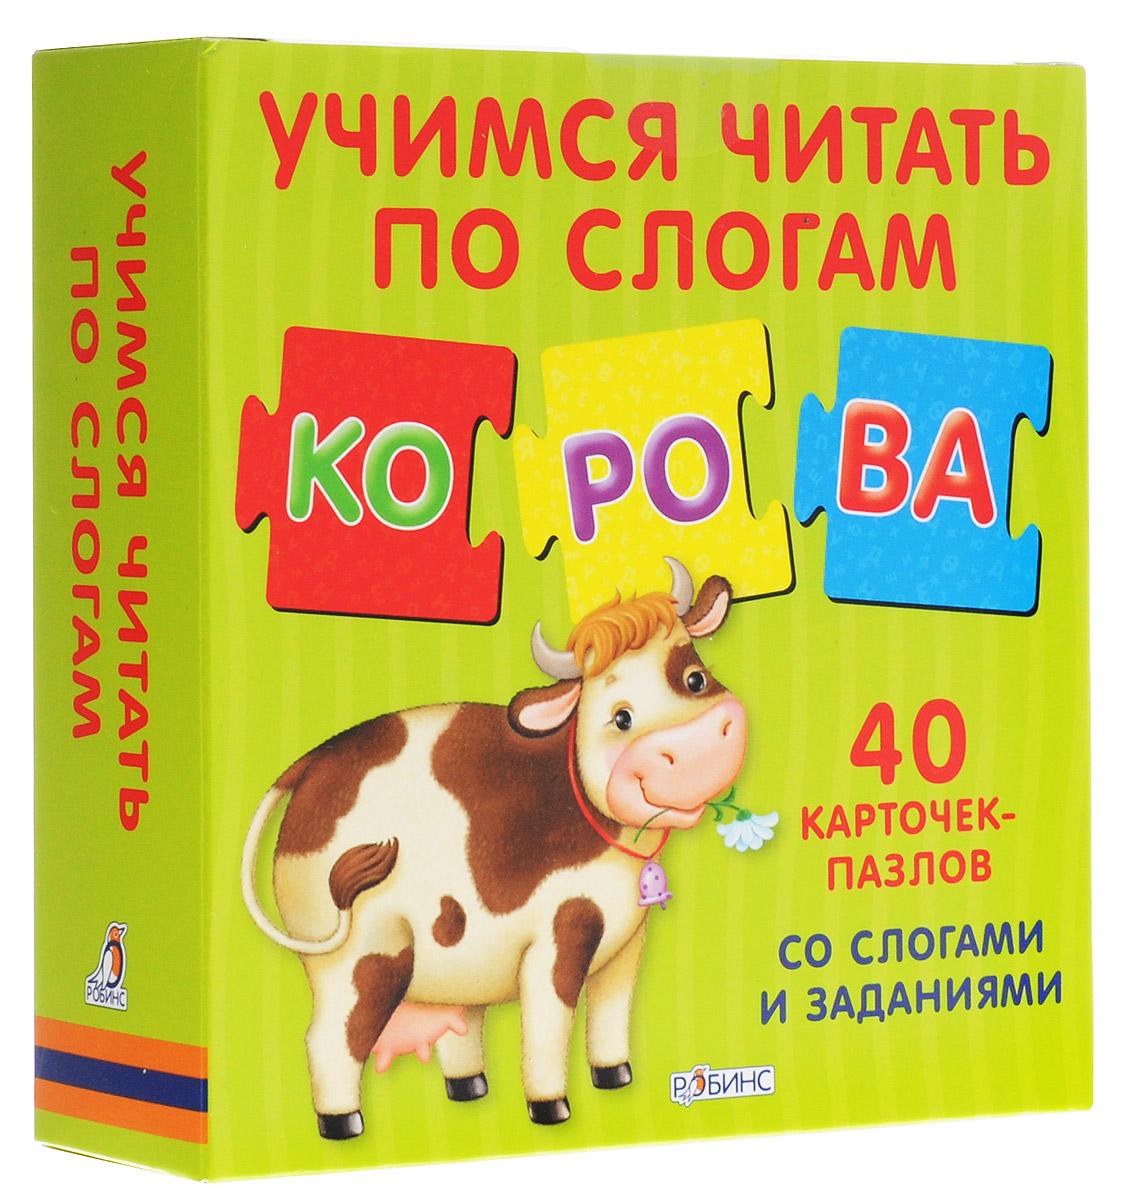 Робинс Обучающая игра Учимся читать по слогам9785436602202Обучающая игра Робинс Учимся читать по слогам - это набор обучающих и развивающих карточек-пазлов, с помощью которых ваш ребенок легко и быстро научится читать и складывать слова самостоятельно и пополнит свой словарный запас. В чем особенности набора: Это карточки, которые предназначены для детей уже знающих алфавит. На каждой из карточек набора с одной стороны нарисована картинка-слово, а с другой какой-либо слог (на некоторых - просто буква). Ребенок, назвав слово, может собрать его при помощи карточек со слогами. Когда он будет искать карточку с нужным слогом, просите его читать слоги и на других карточках: запоминание букв и слогов будет эффективнее. В наборе 40 двусторонних карточек-пазлов со слогами и картинками. Карточки можно соединять между собой, составляя слова по картинкам. Игра повышает словарный запас ребенка, способствует развитию мелкой моторики..